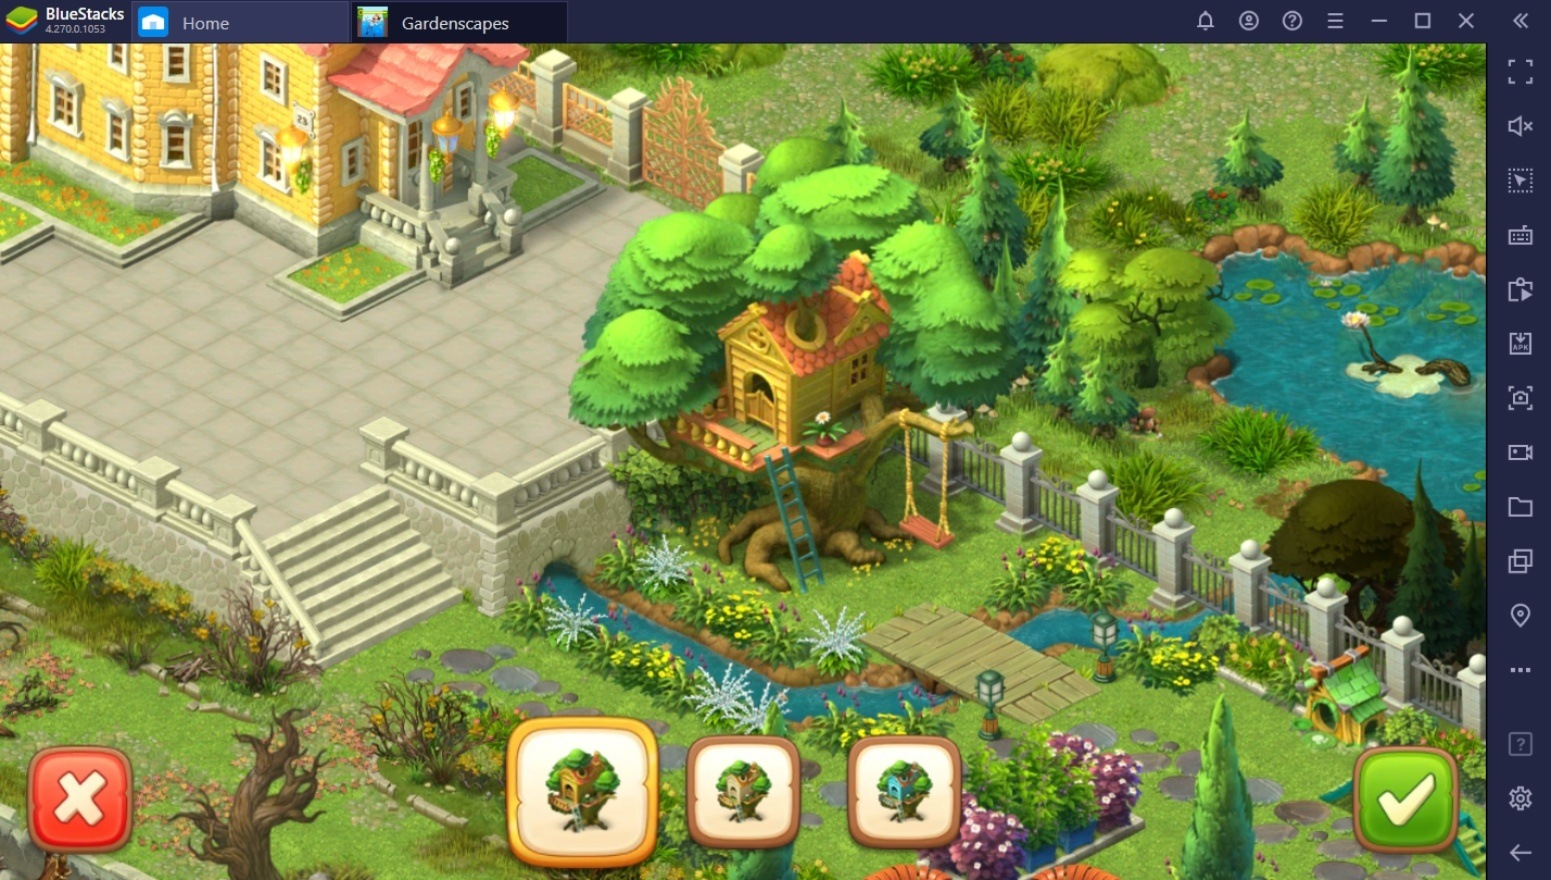 Trucs et astuces pour s'améliorer dans Gardenscapes